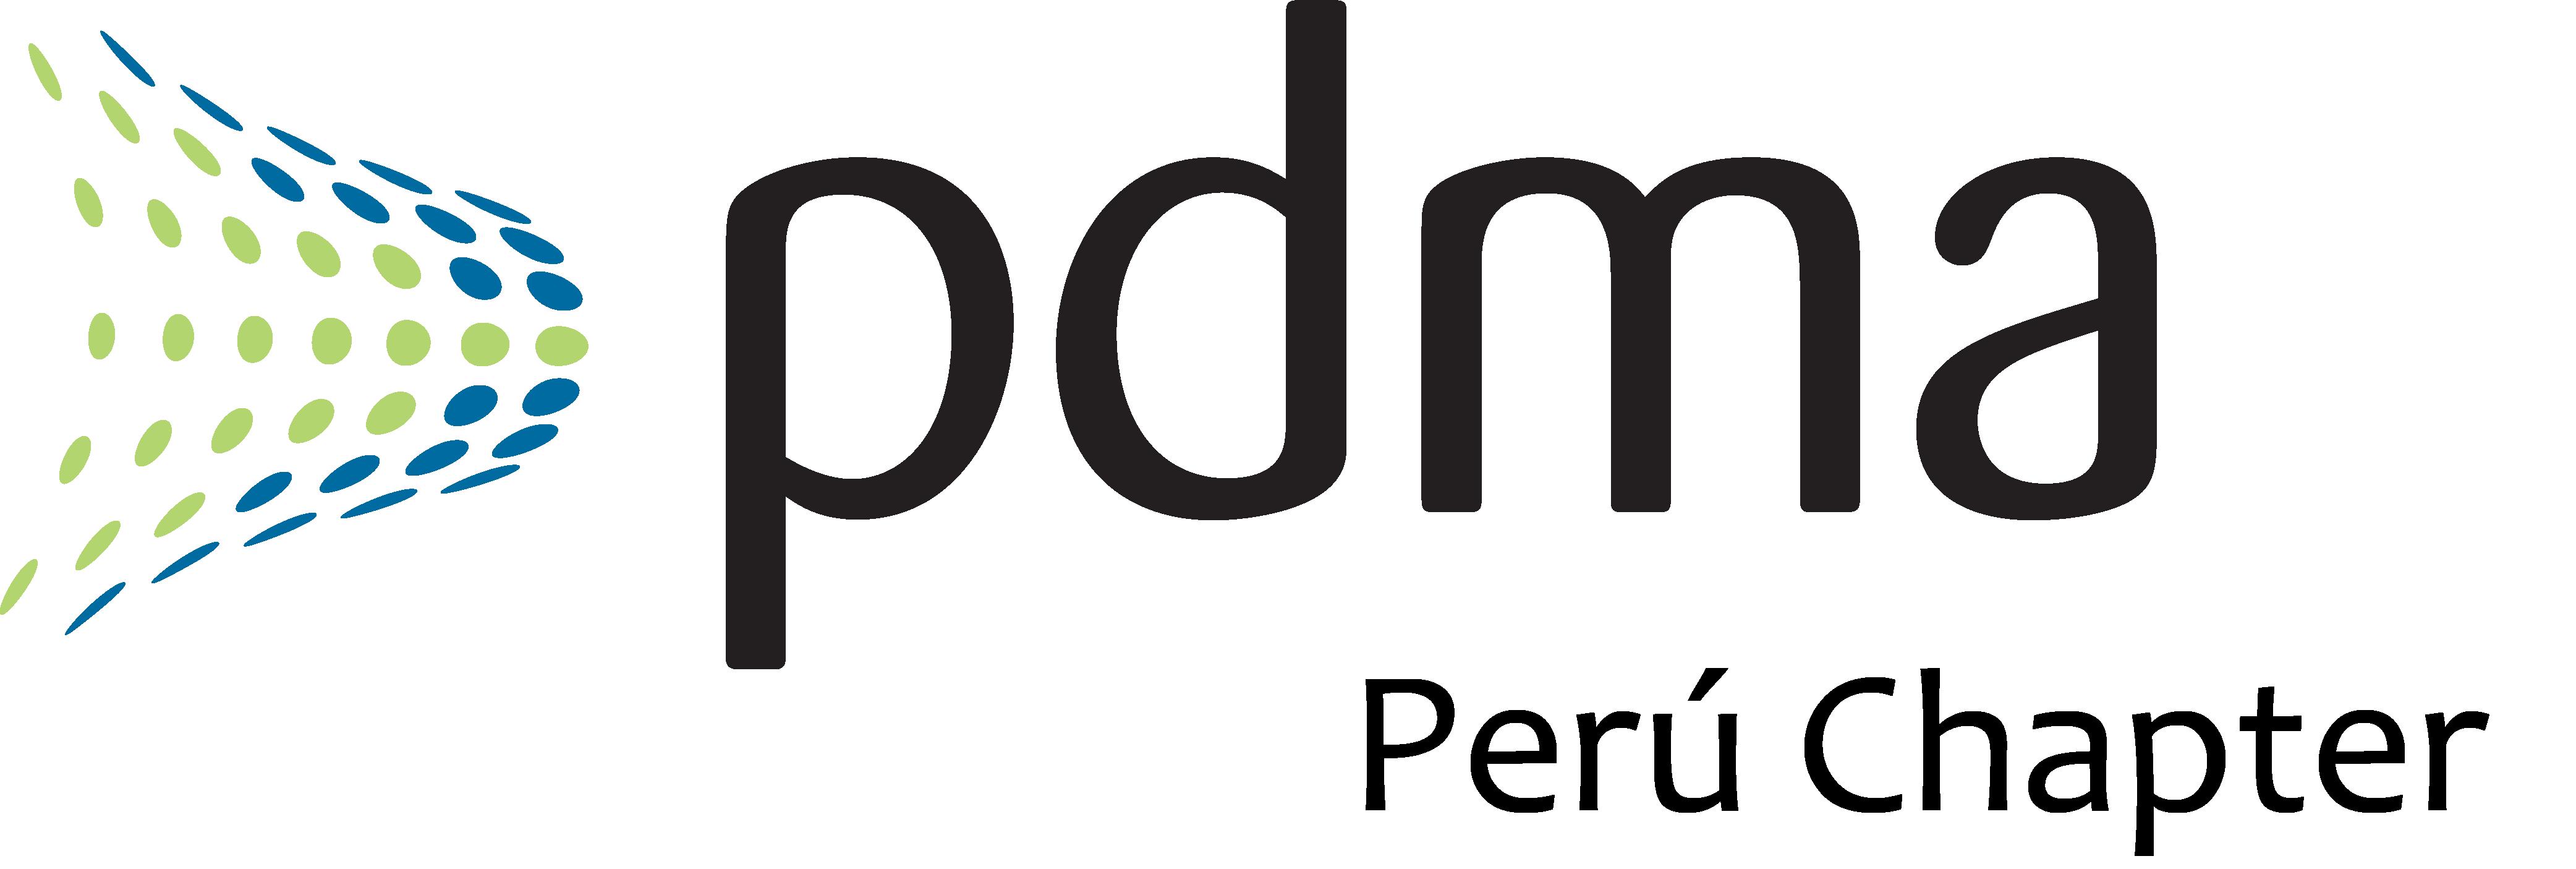 PDMA Peru Chapter logo